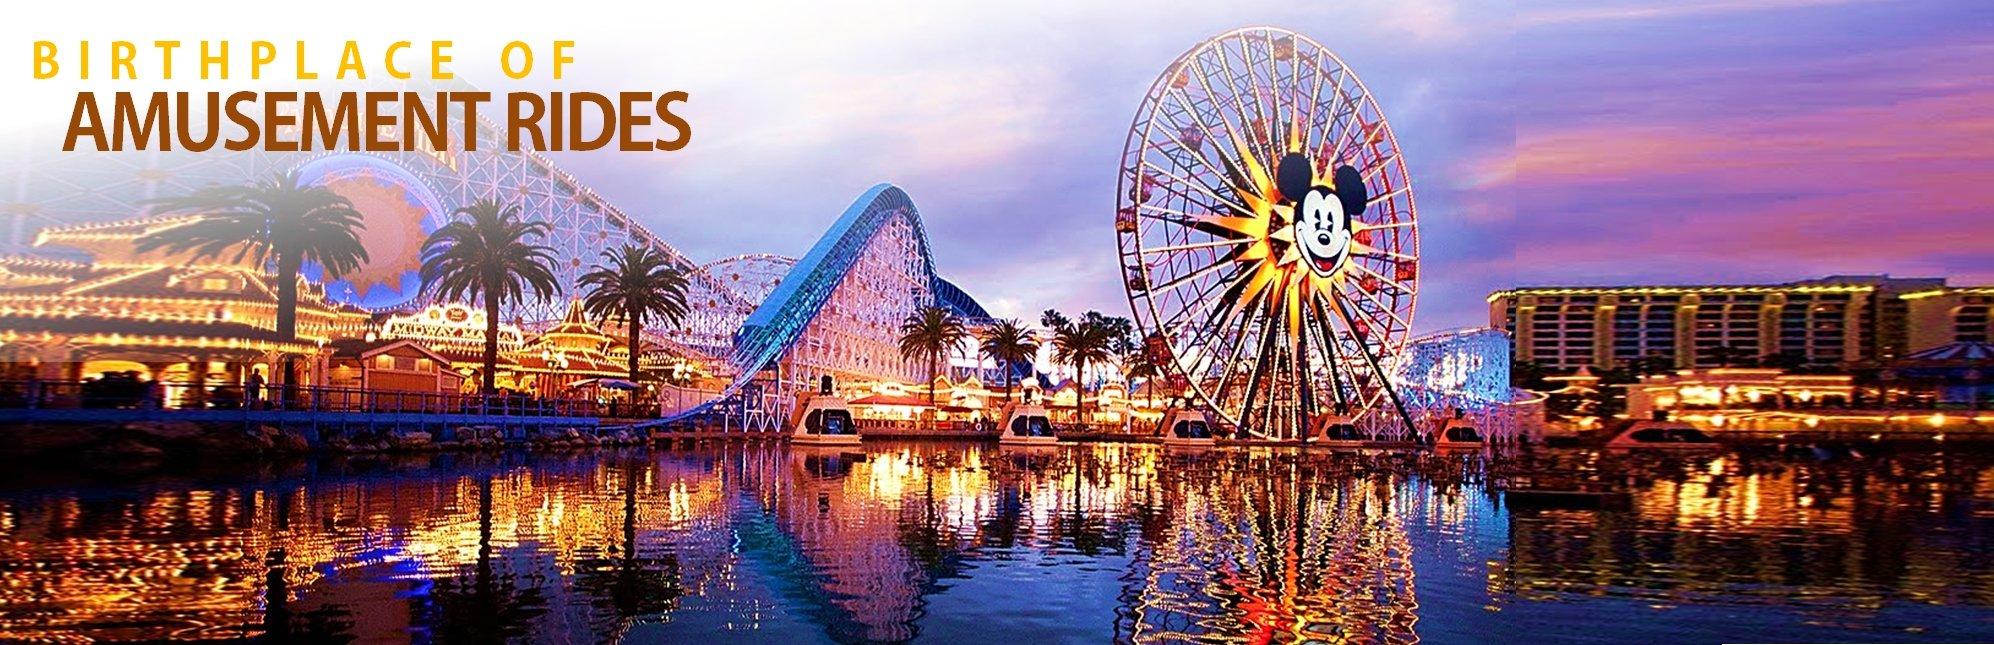 Contact Us | Amusement Park Manufacturer